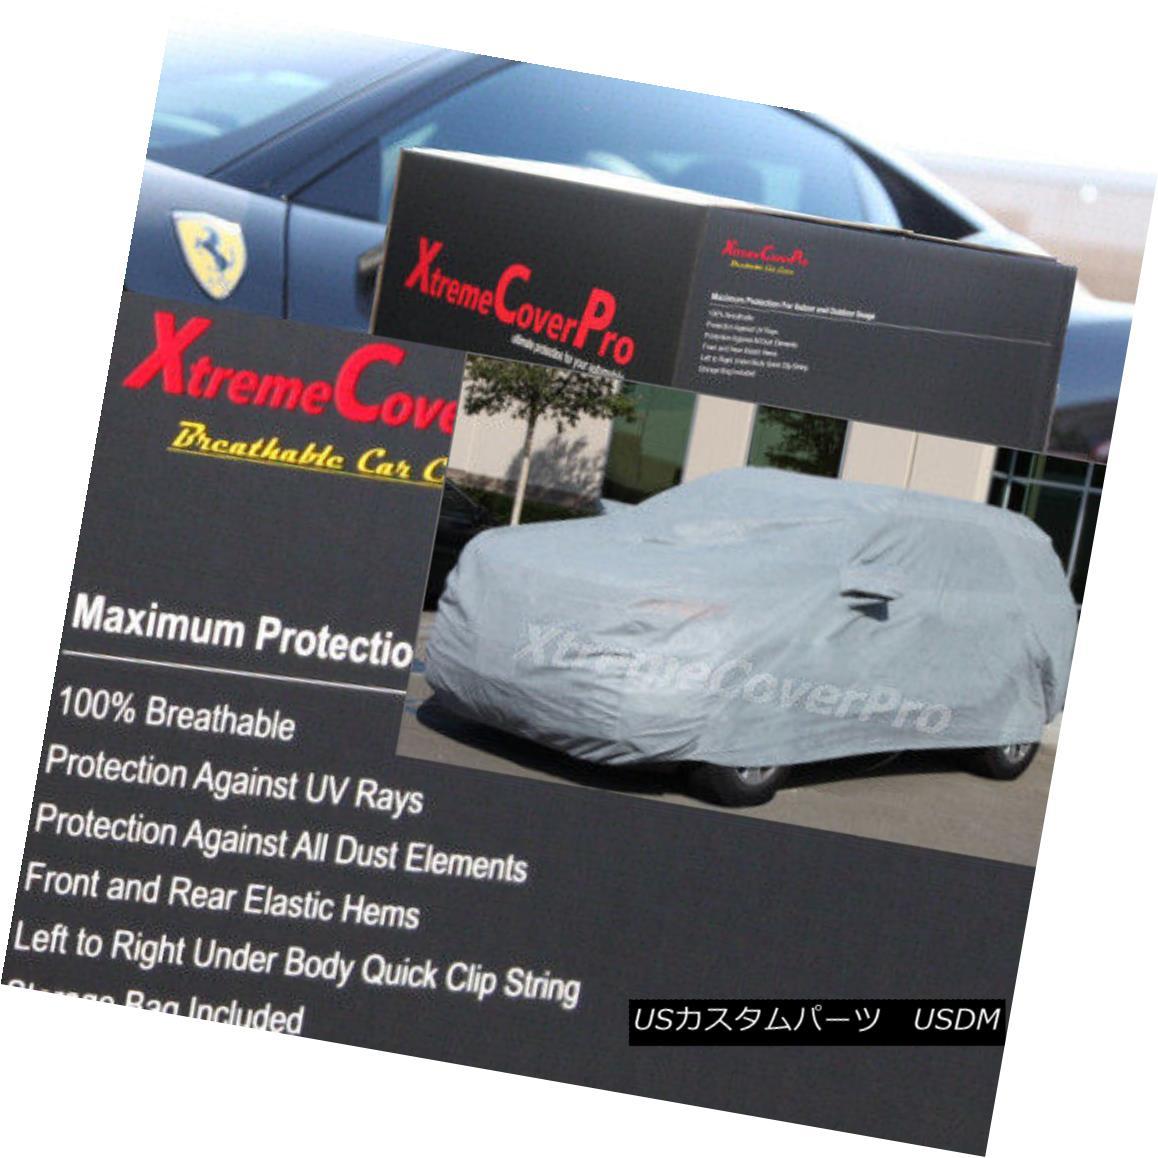 カーカバー BREATHABLE CAR COVER W/MIRROR POCKET-GREY FOR 2018 2017 2016 2015 NISSAN ROGUE 2018年のBIRATHABLE CAR COVER W / MIRROR POCKET-GRAY 2017 2016 2015日産自動車